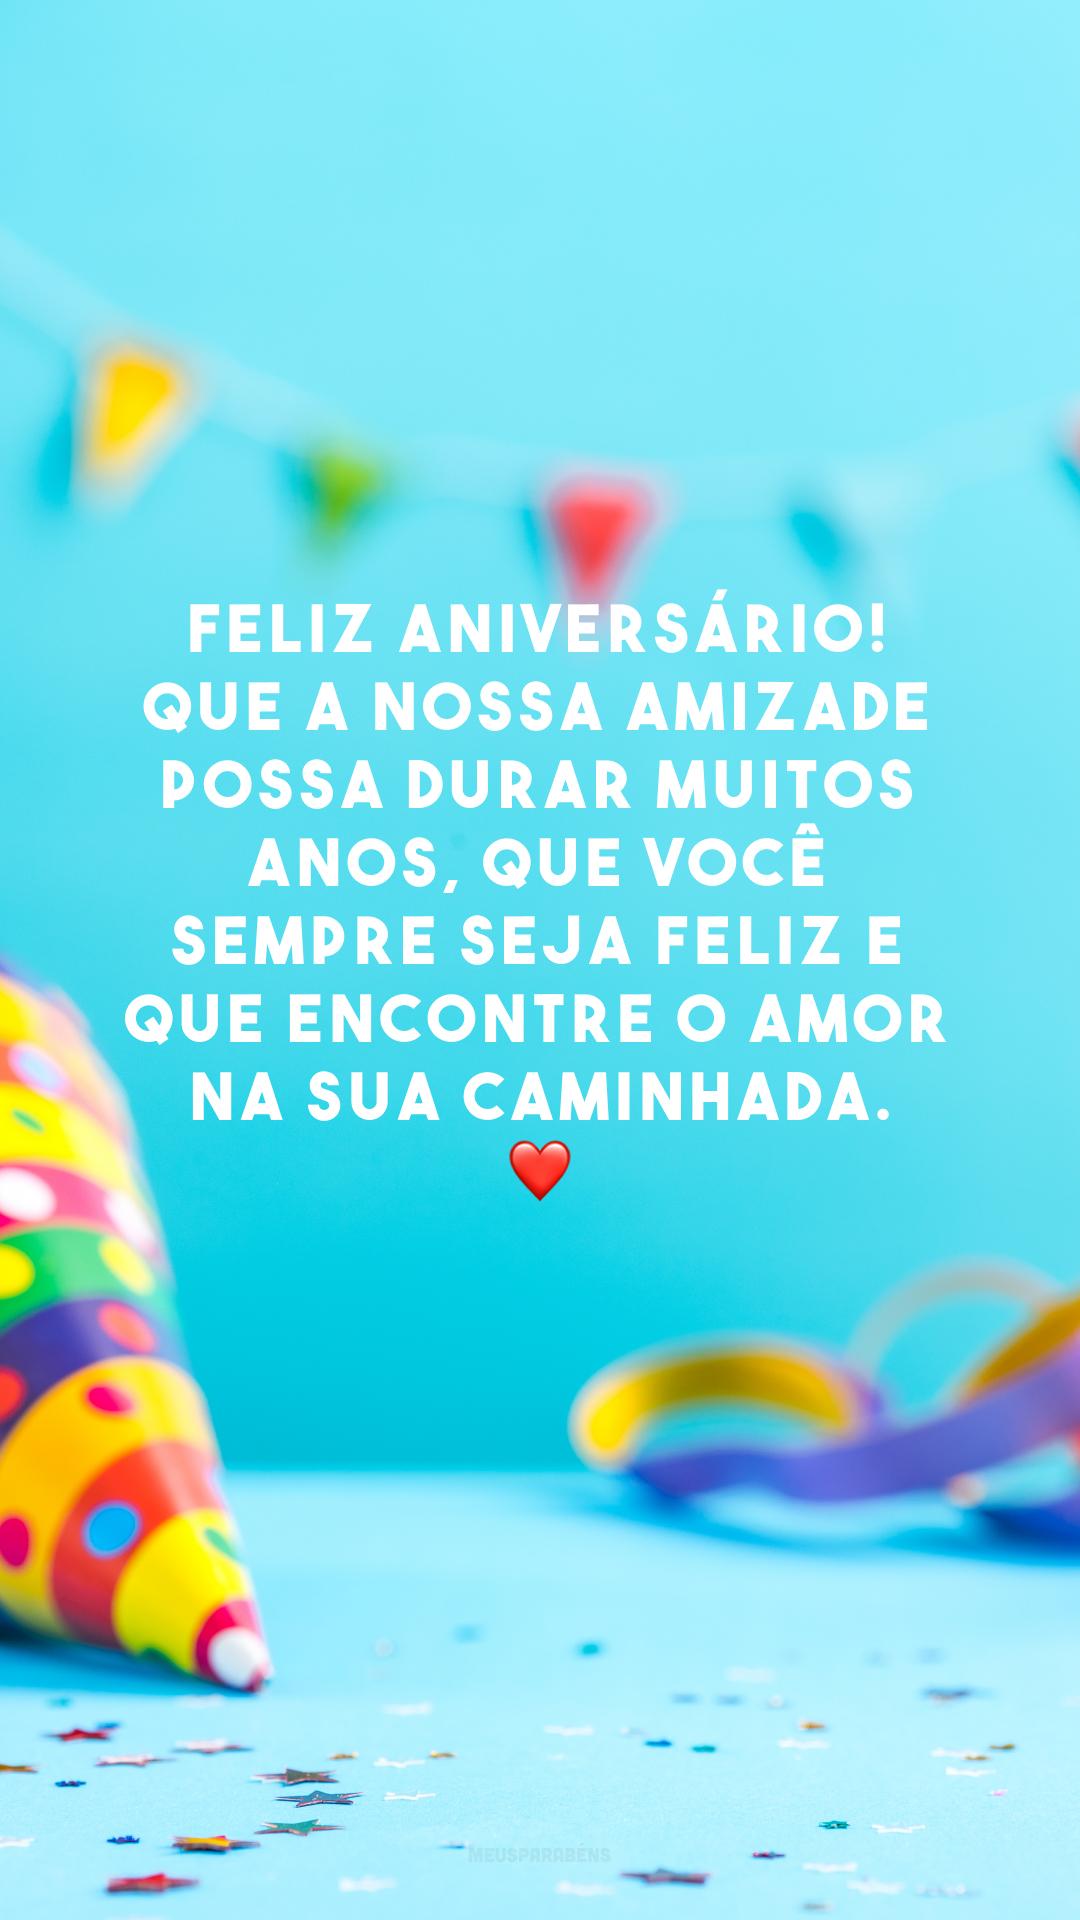 Feliz aniversário! Que a nossa amizade possa durar muitos anos, que você sempre seja feliz e que encontre o amor na sua caminhada. ❤